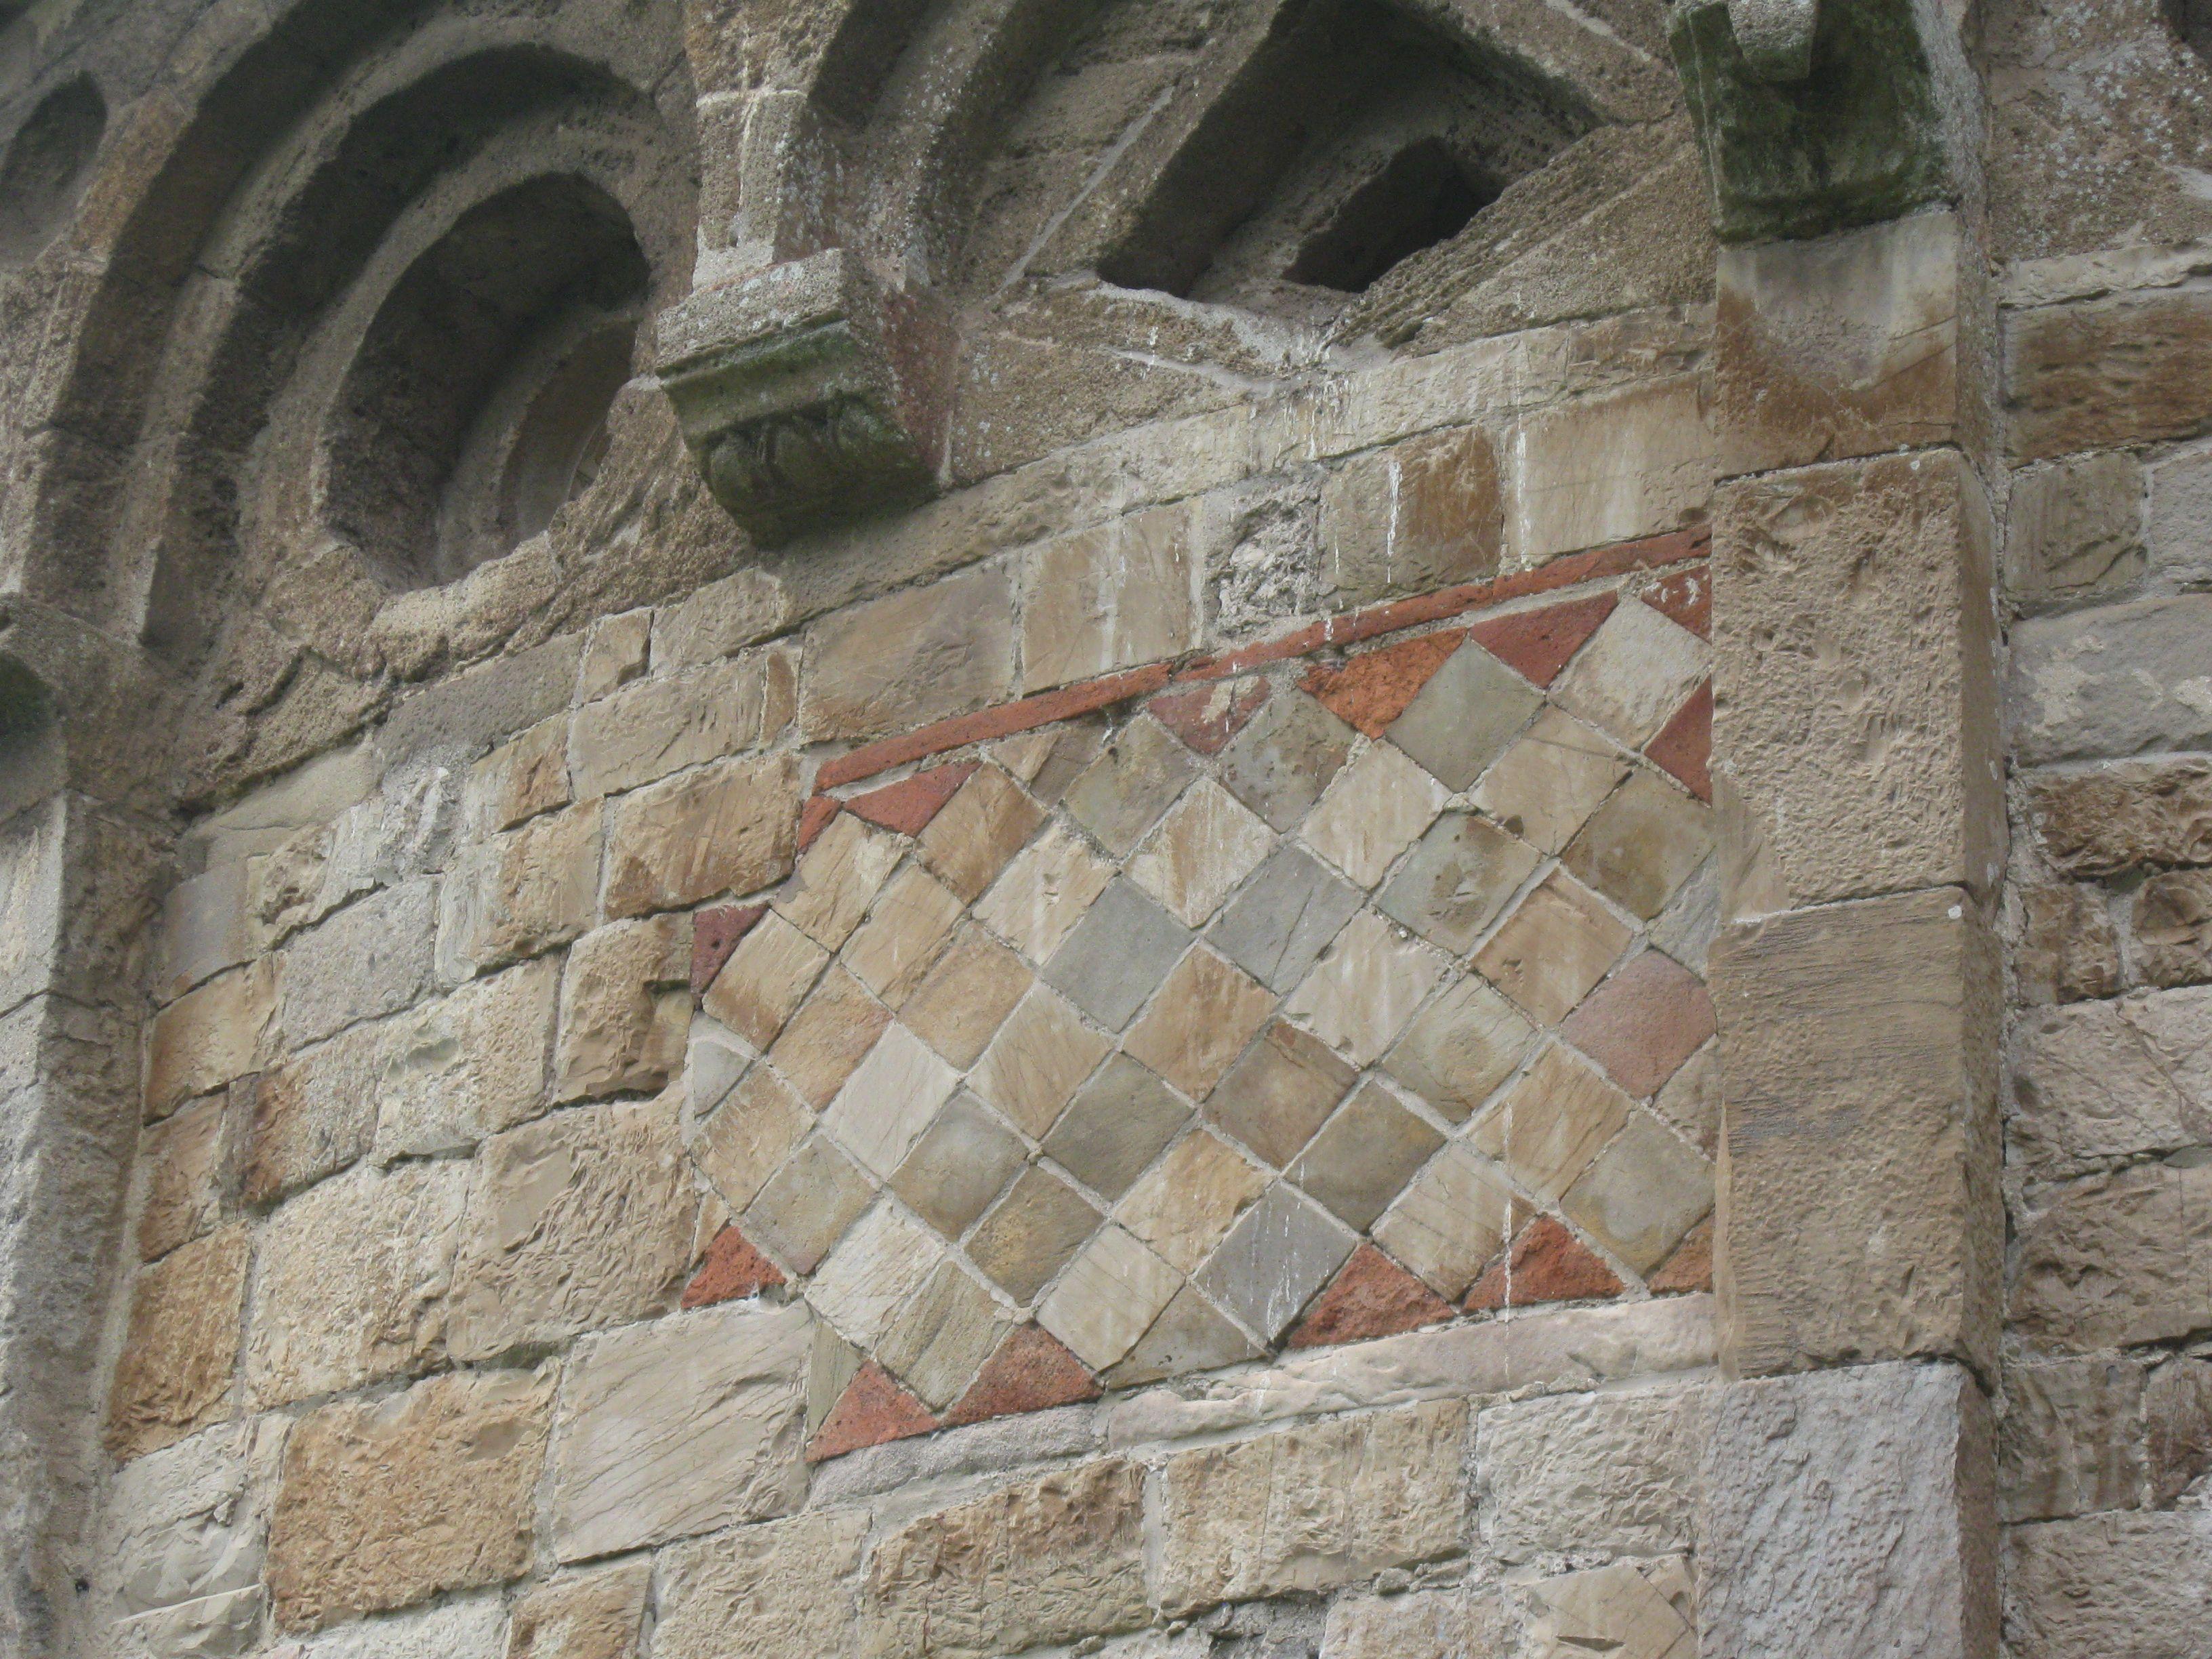 L'antico attracco e la Basilica di San Piero a Grado